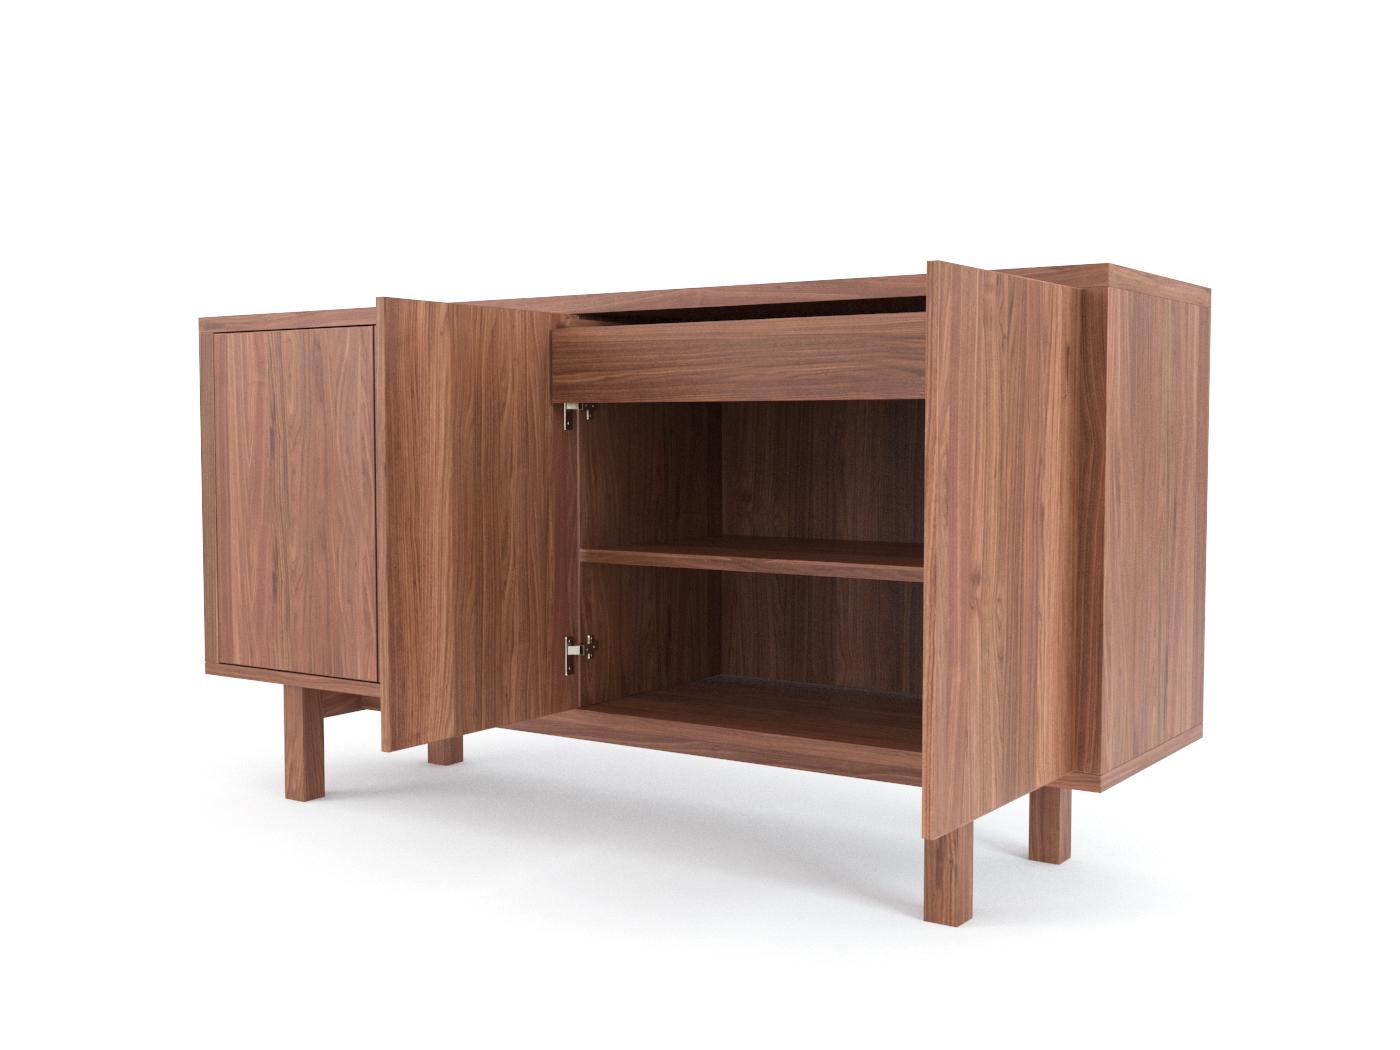 Full Size of Sideboard Ikea Küche Mit Arbeitsplatte Modulküche Kosten Kaufen Miniküche Betten 160x200 Bei Wohnzimmer Wohnzimmer Sideboard Ikea